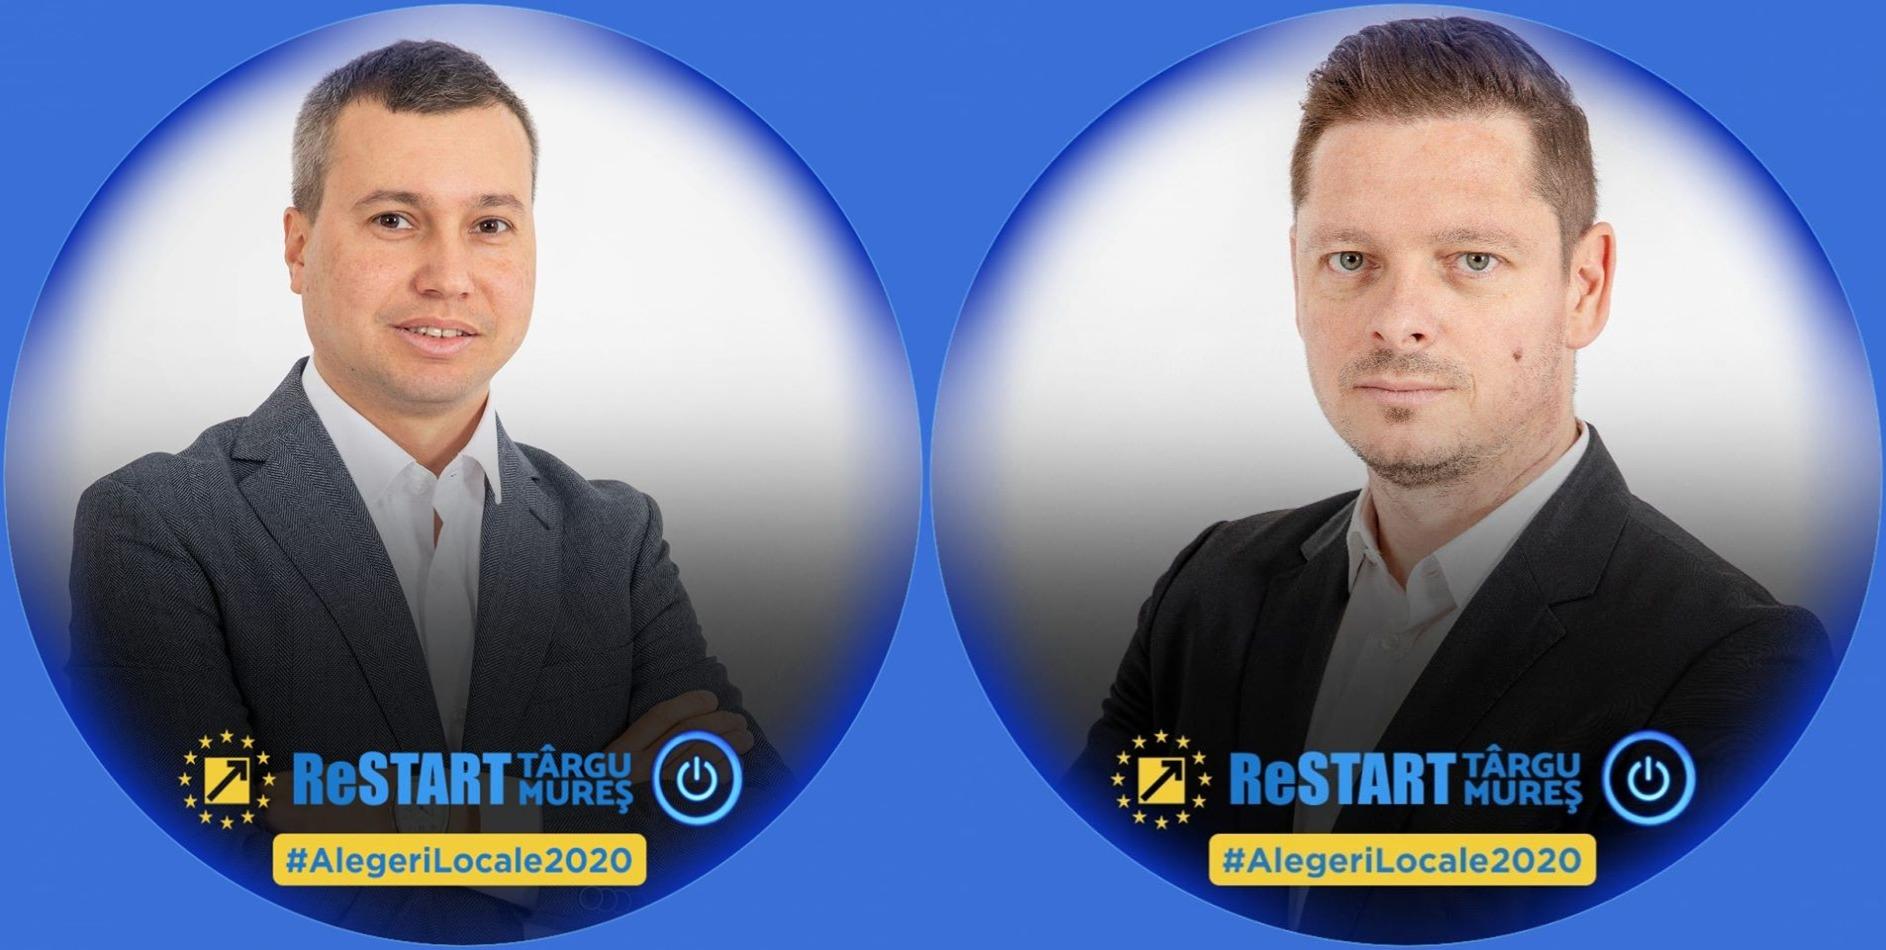 La Apele Române concursurile pentru ocuparea posturilor libere se desfășoară la fel ca pe vremea PSD doar că acum sunt câștigate de PNL-iști | Ziarul Curentul